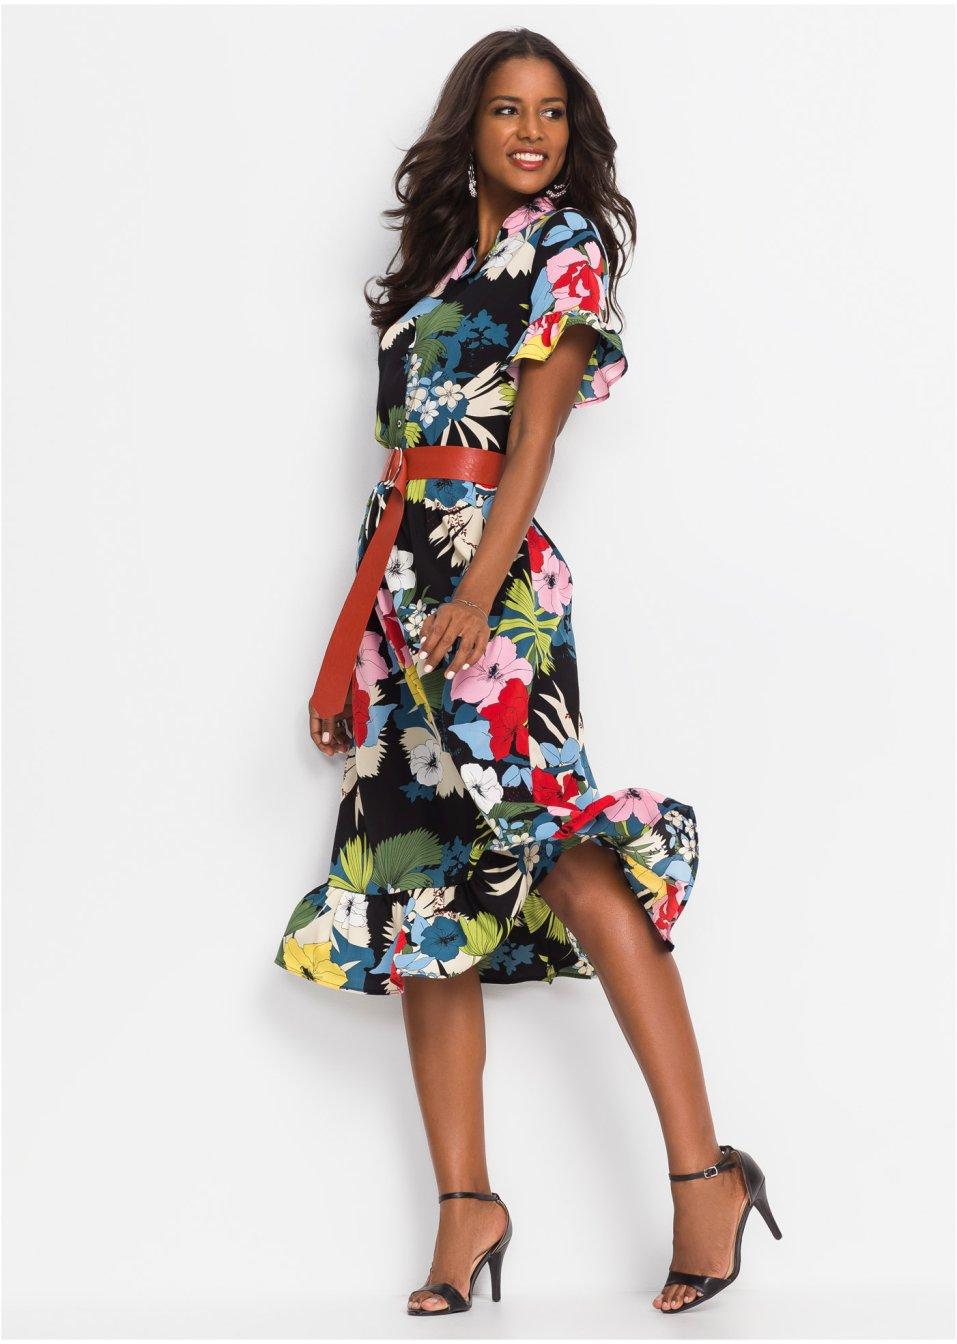 0ecdd27c4b70cc Jurk+riem zwart multicolor gebloemd - Dames - BODYFLIRT boutique -  bonprix.nl